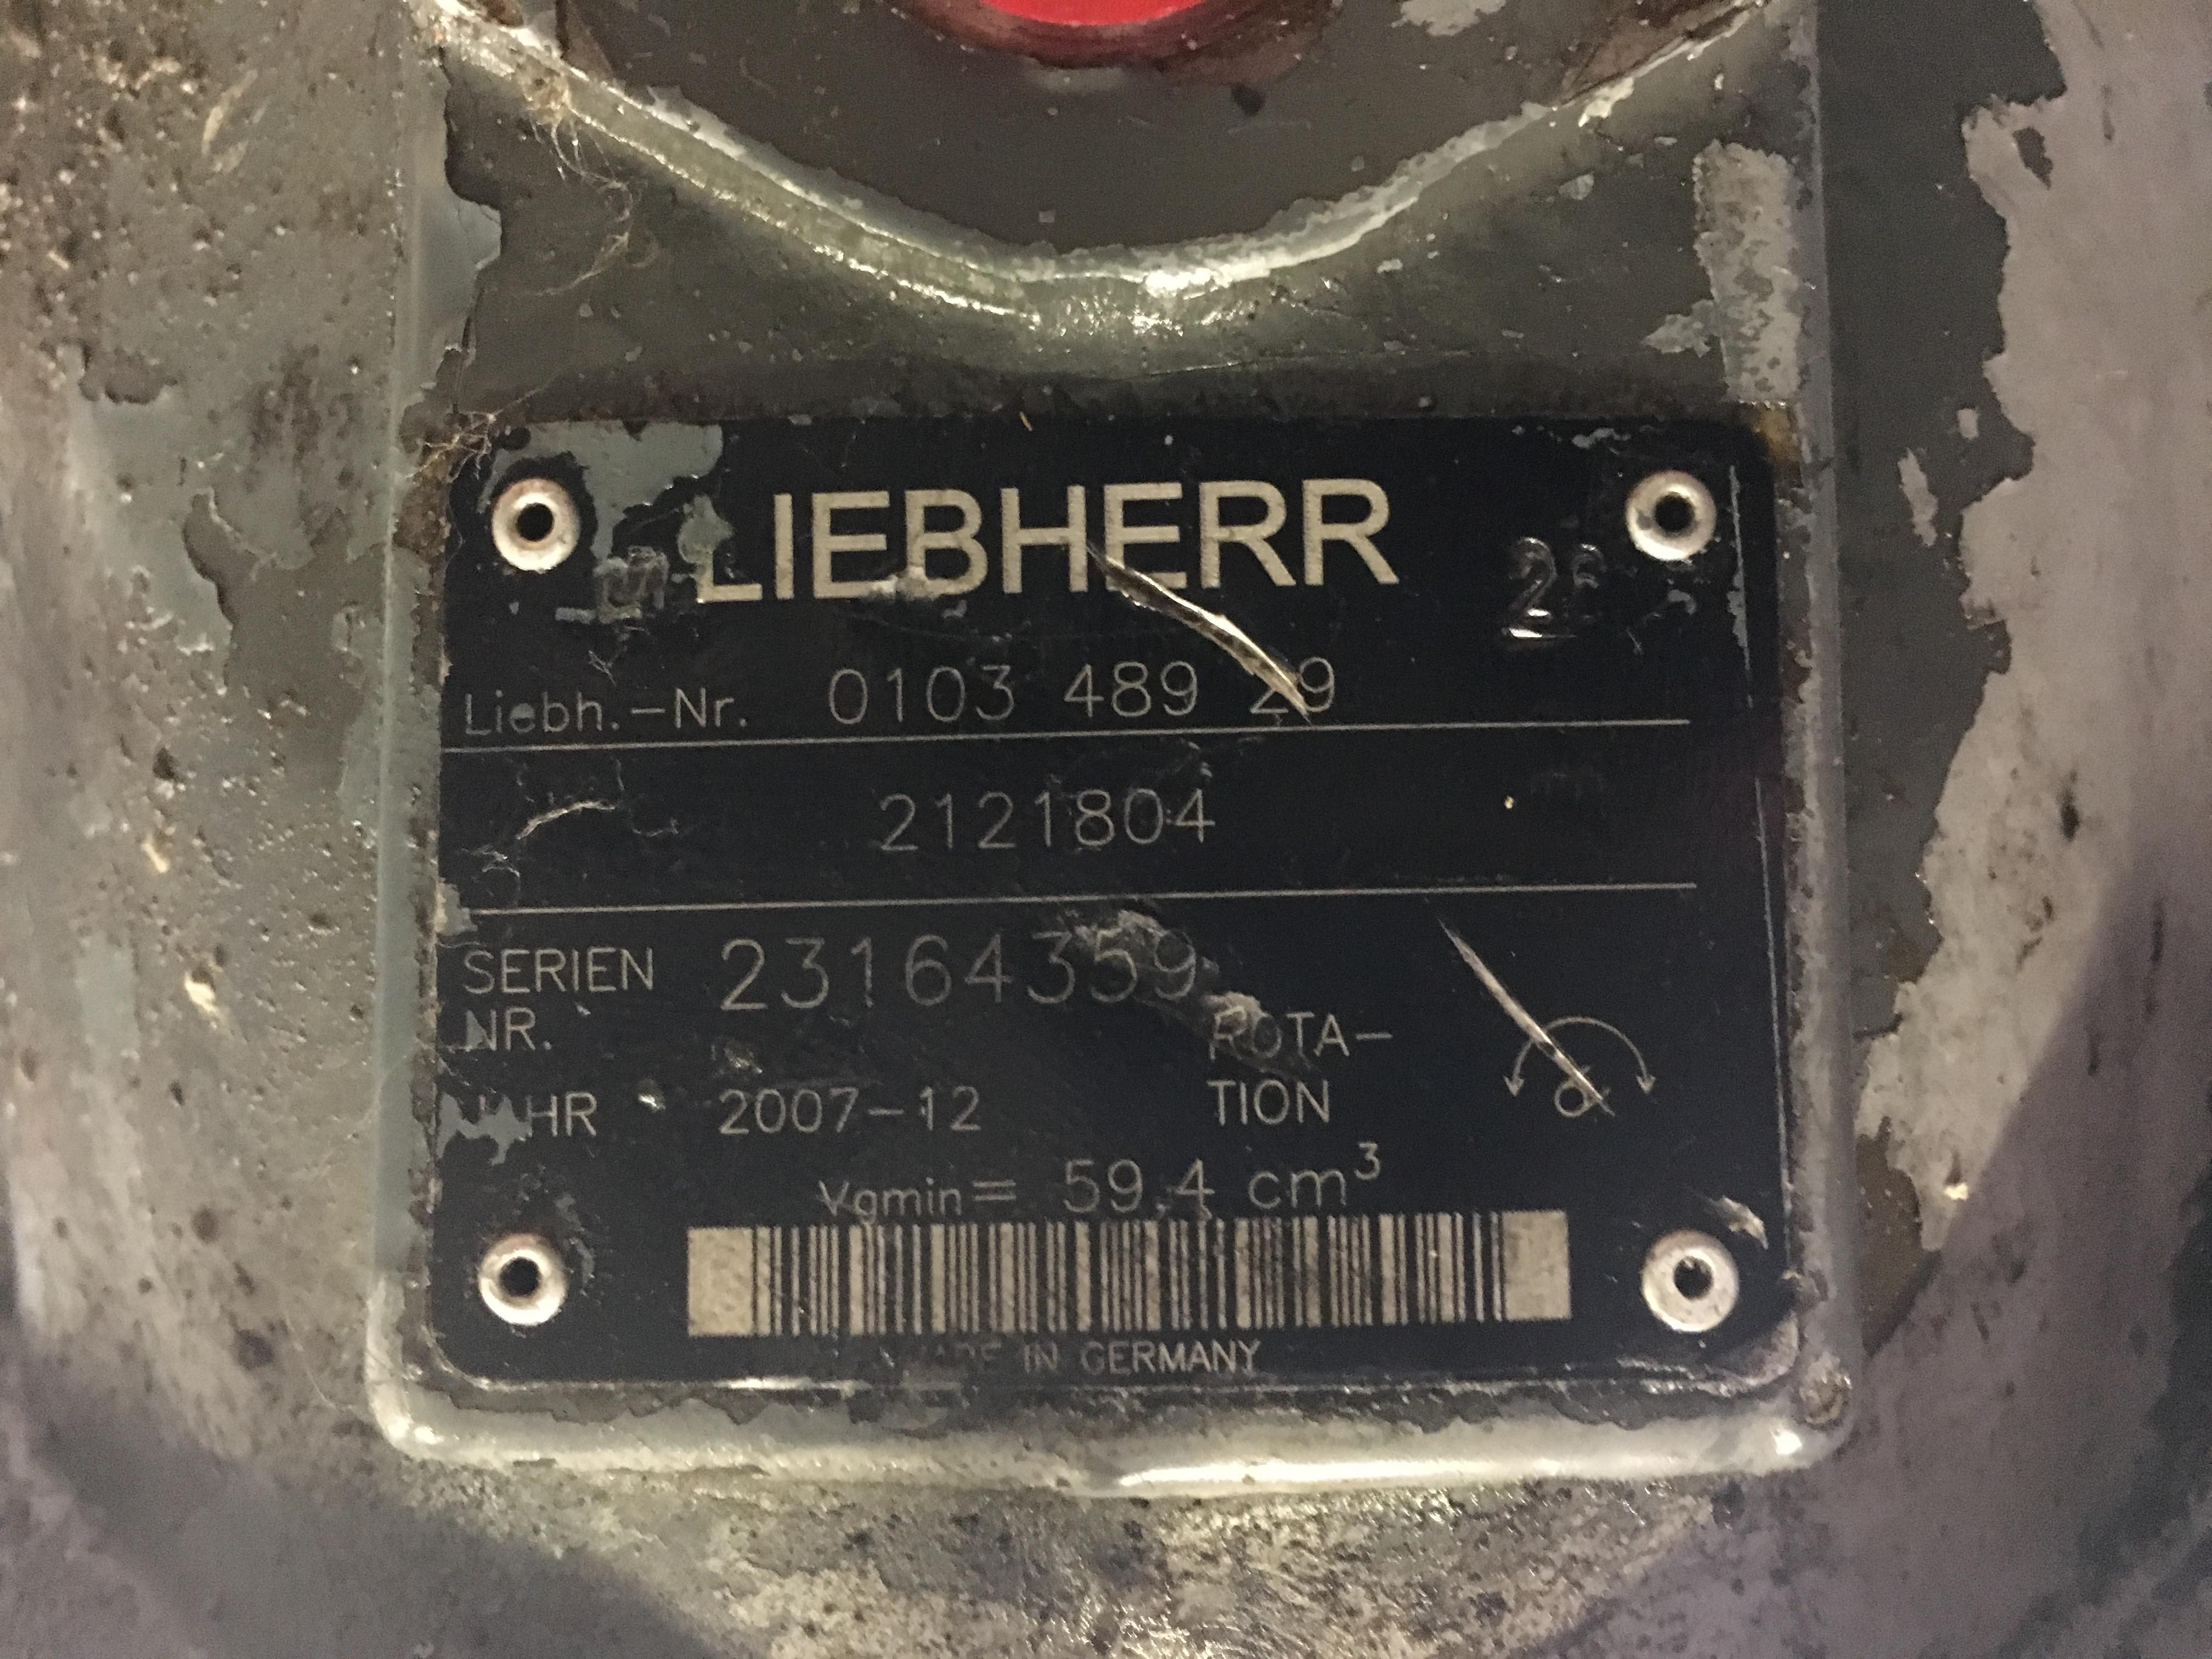 ref-pompe-hydraulique-liebherr